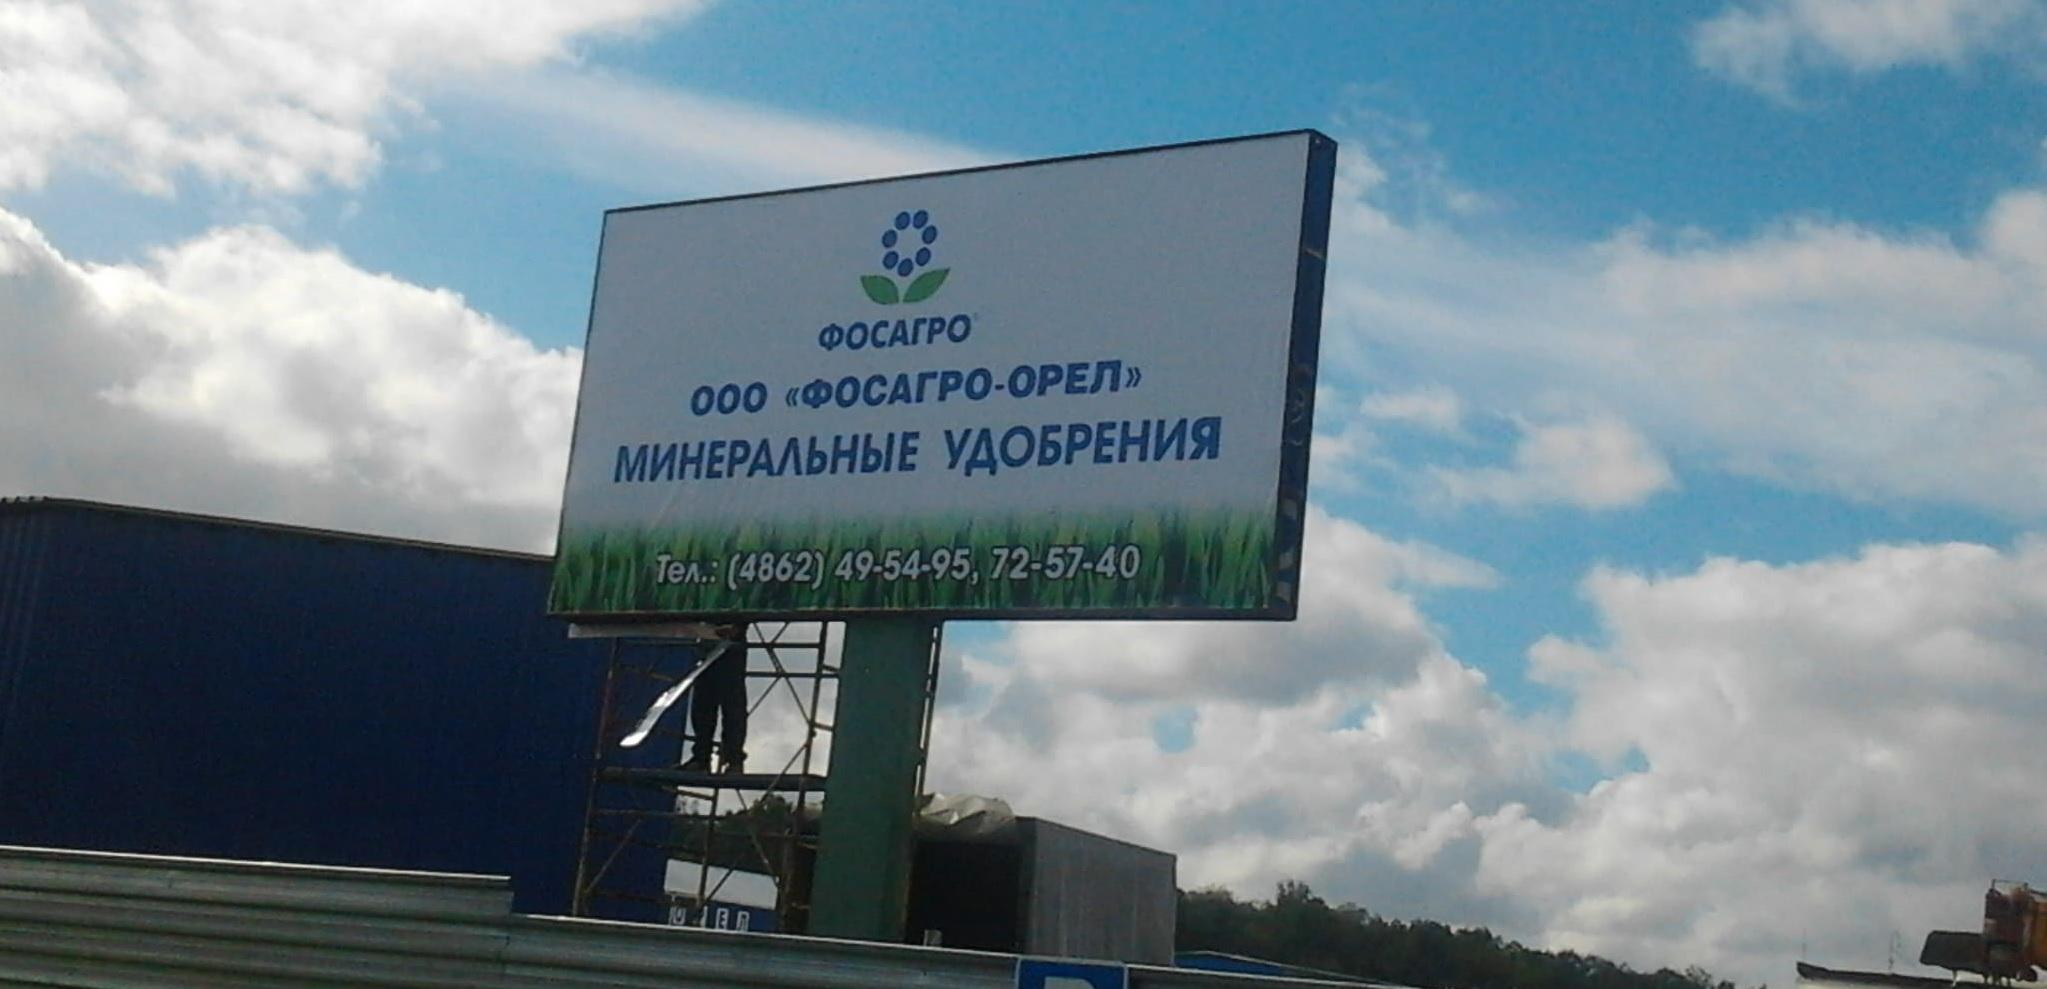 Рекламный баннерный щит